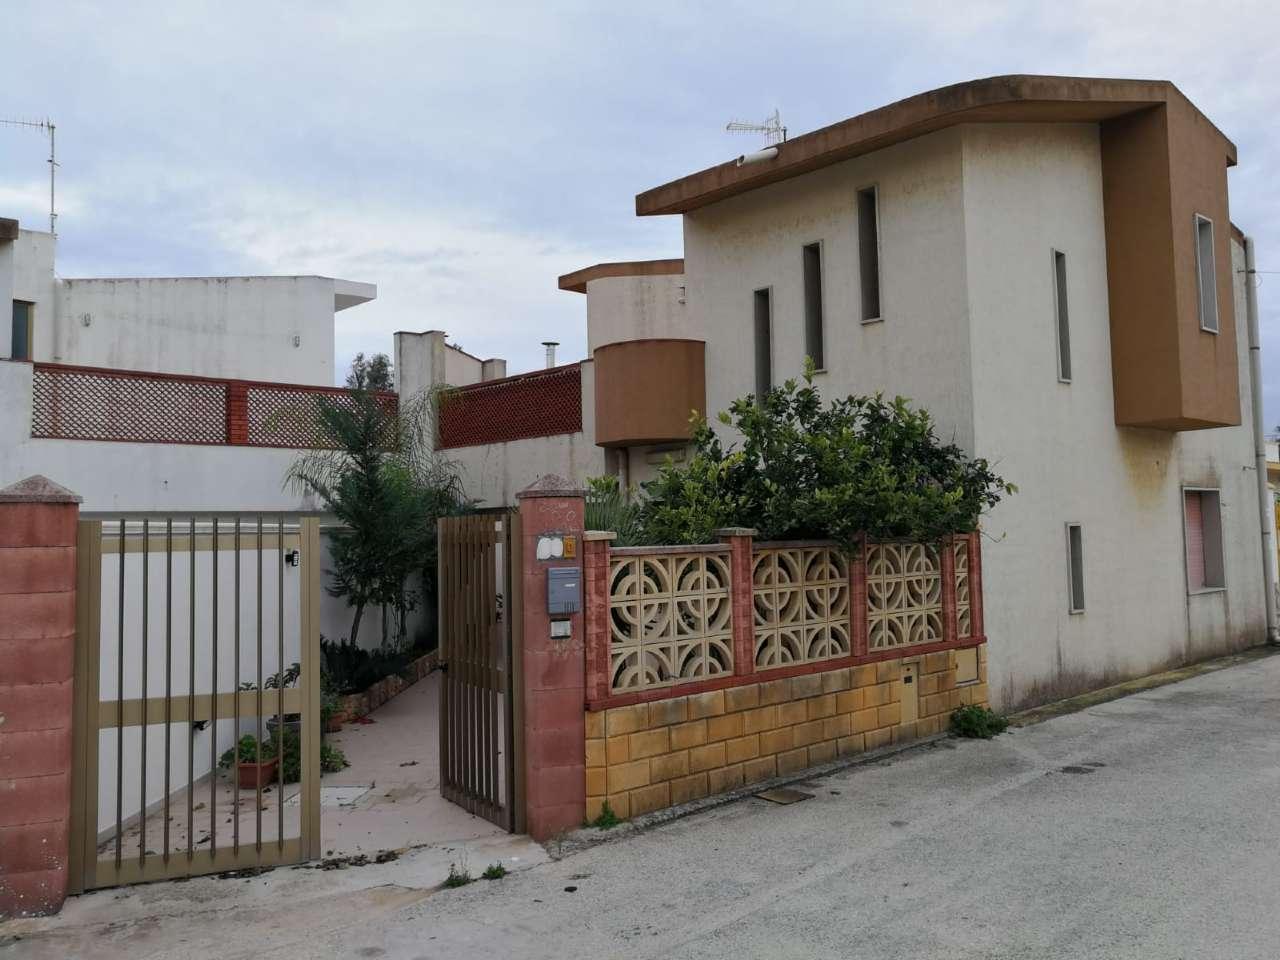 Villa in vendita a Castelvetrano, 6 locali, prezzo € 98.000   CambioCasa.it